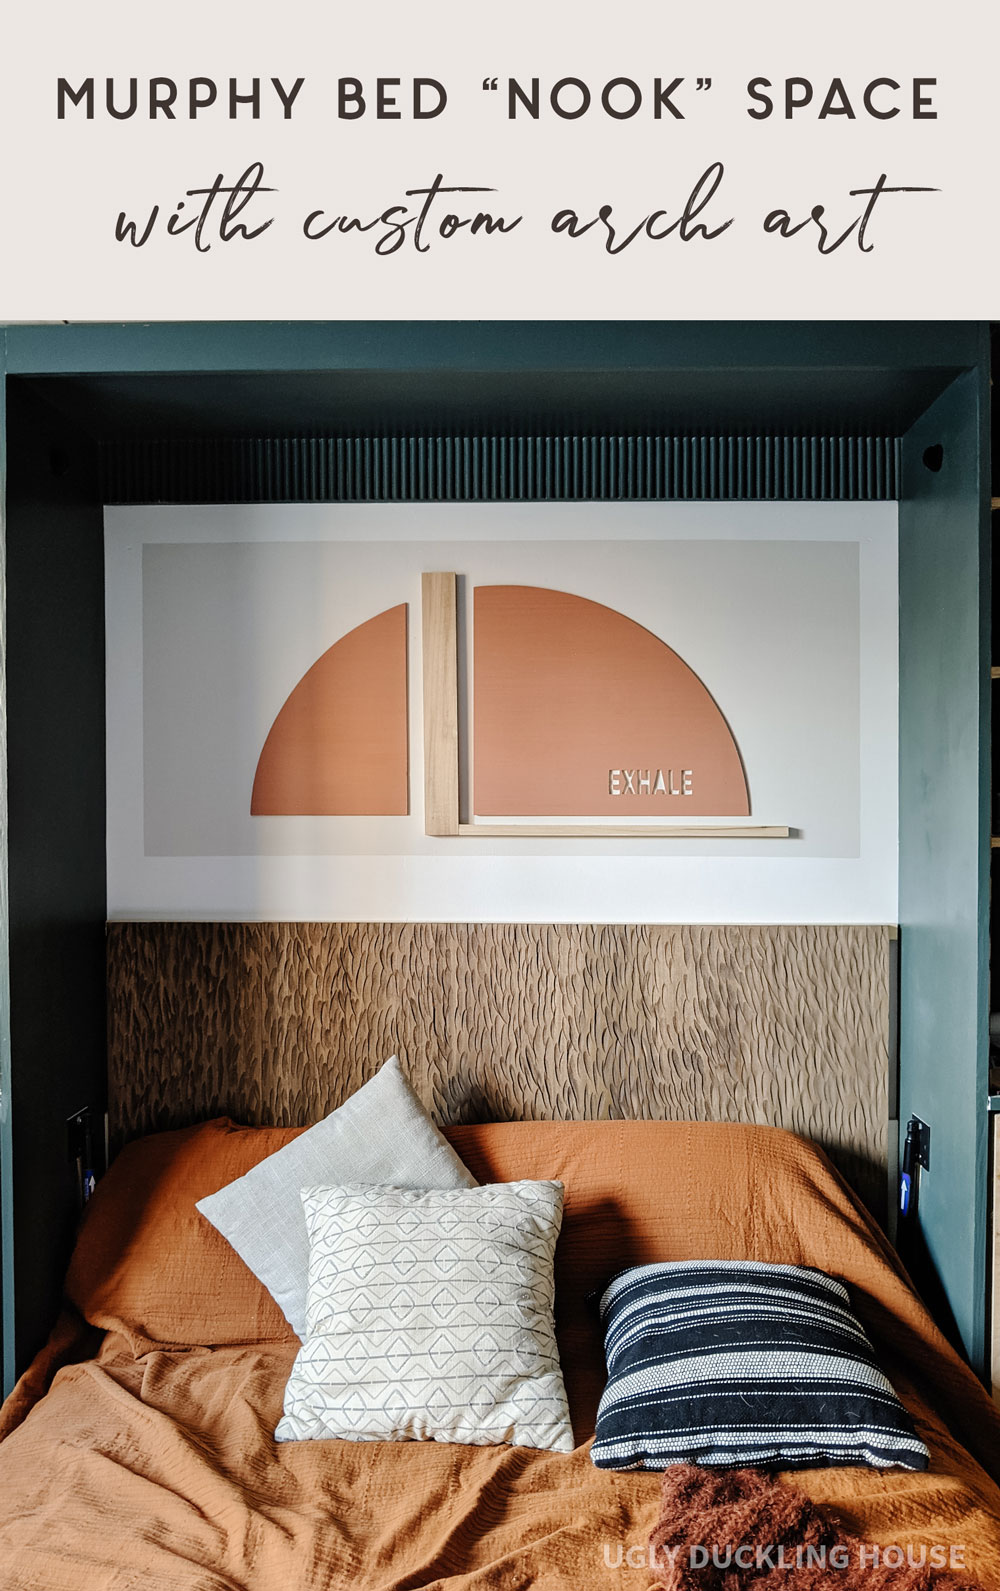 Espace d'angle de lit escamotable avec art en arc personnalisé